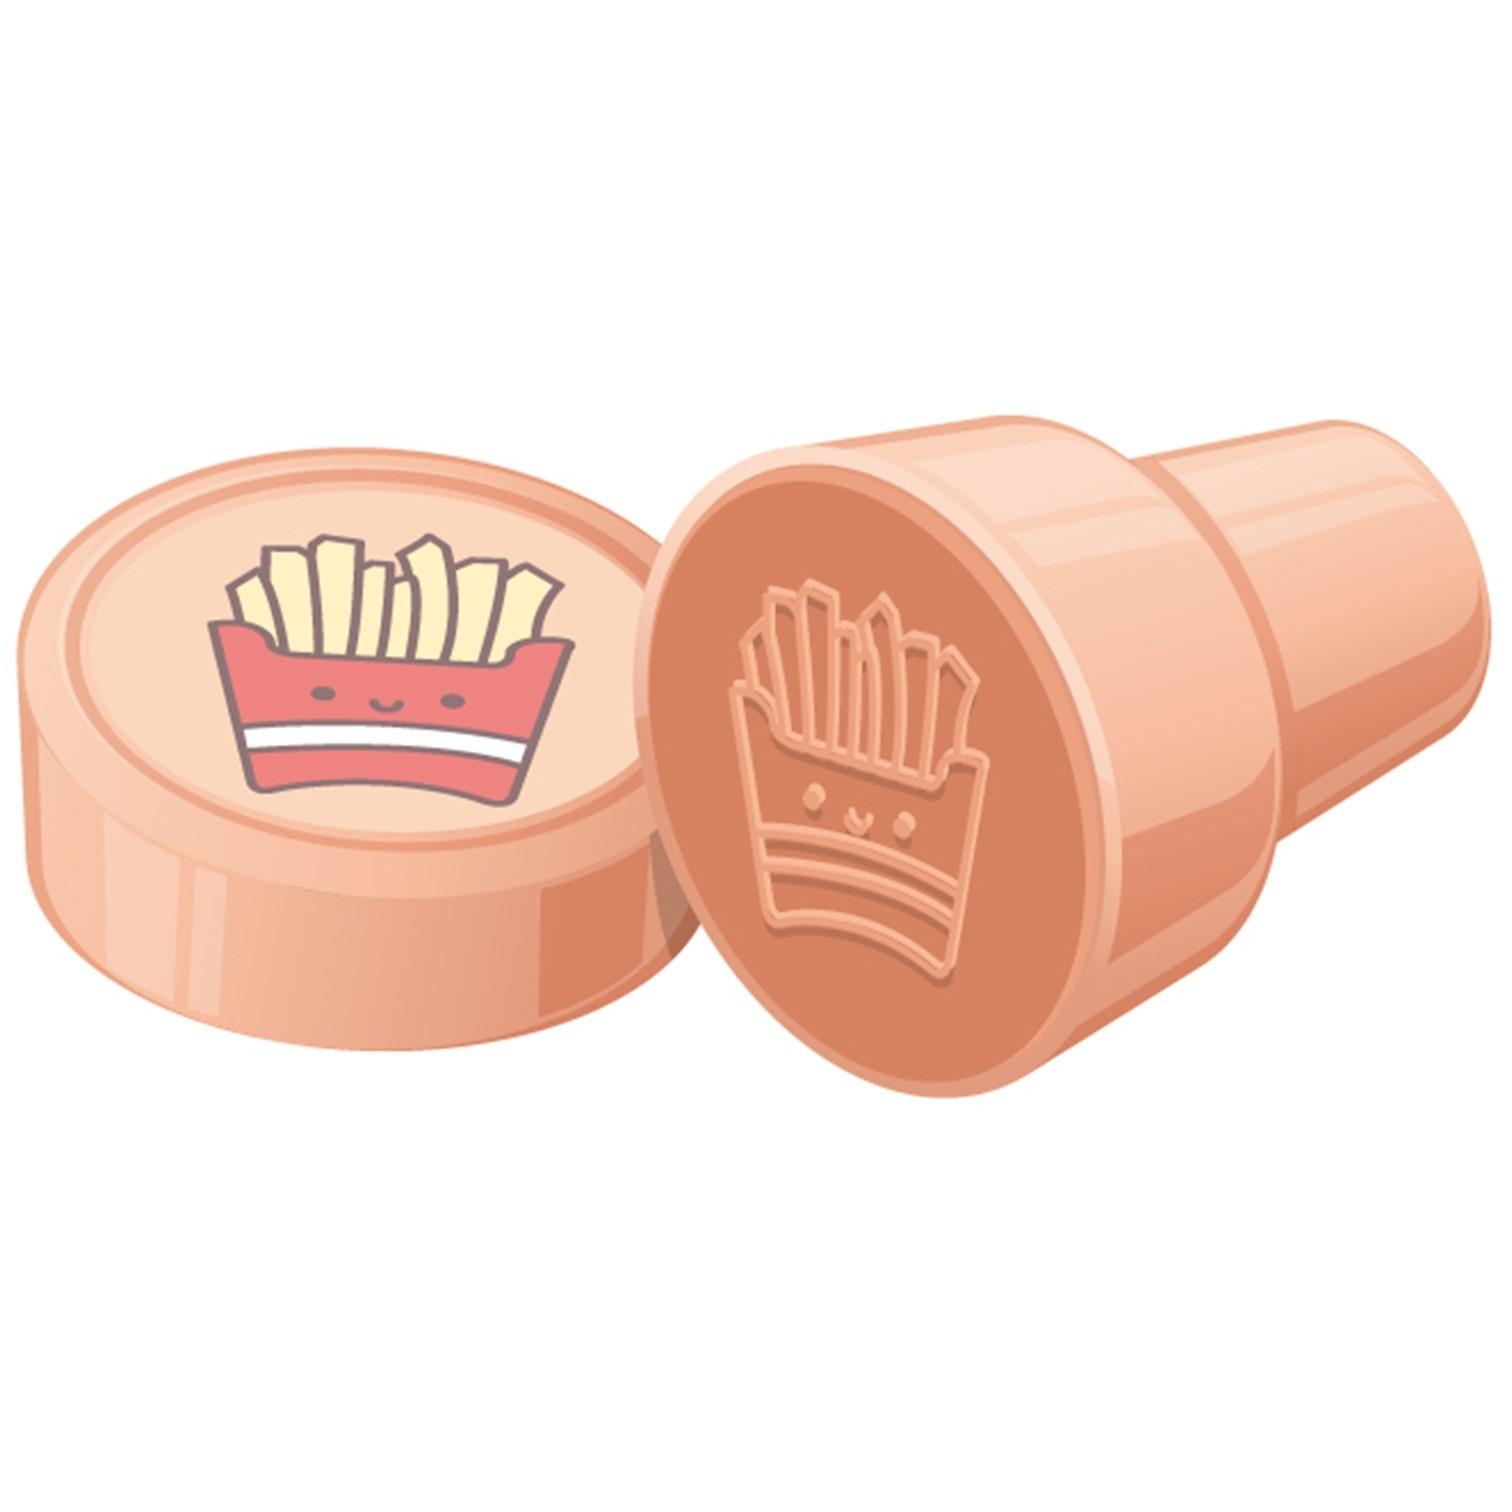 Carimbo Auto Tintado Stamp Candy Cores unidade - CIS